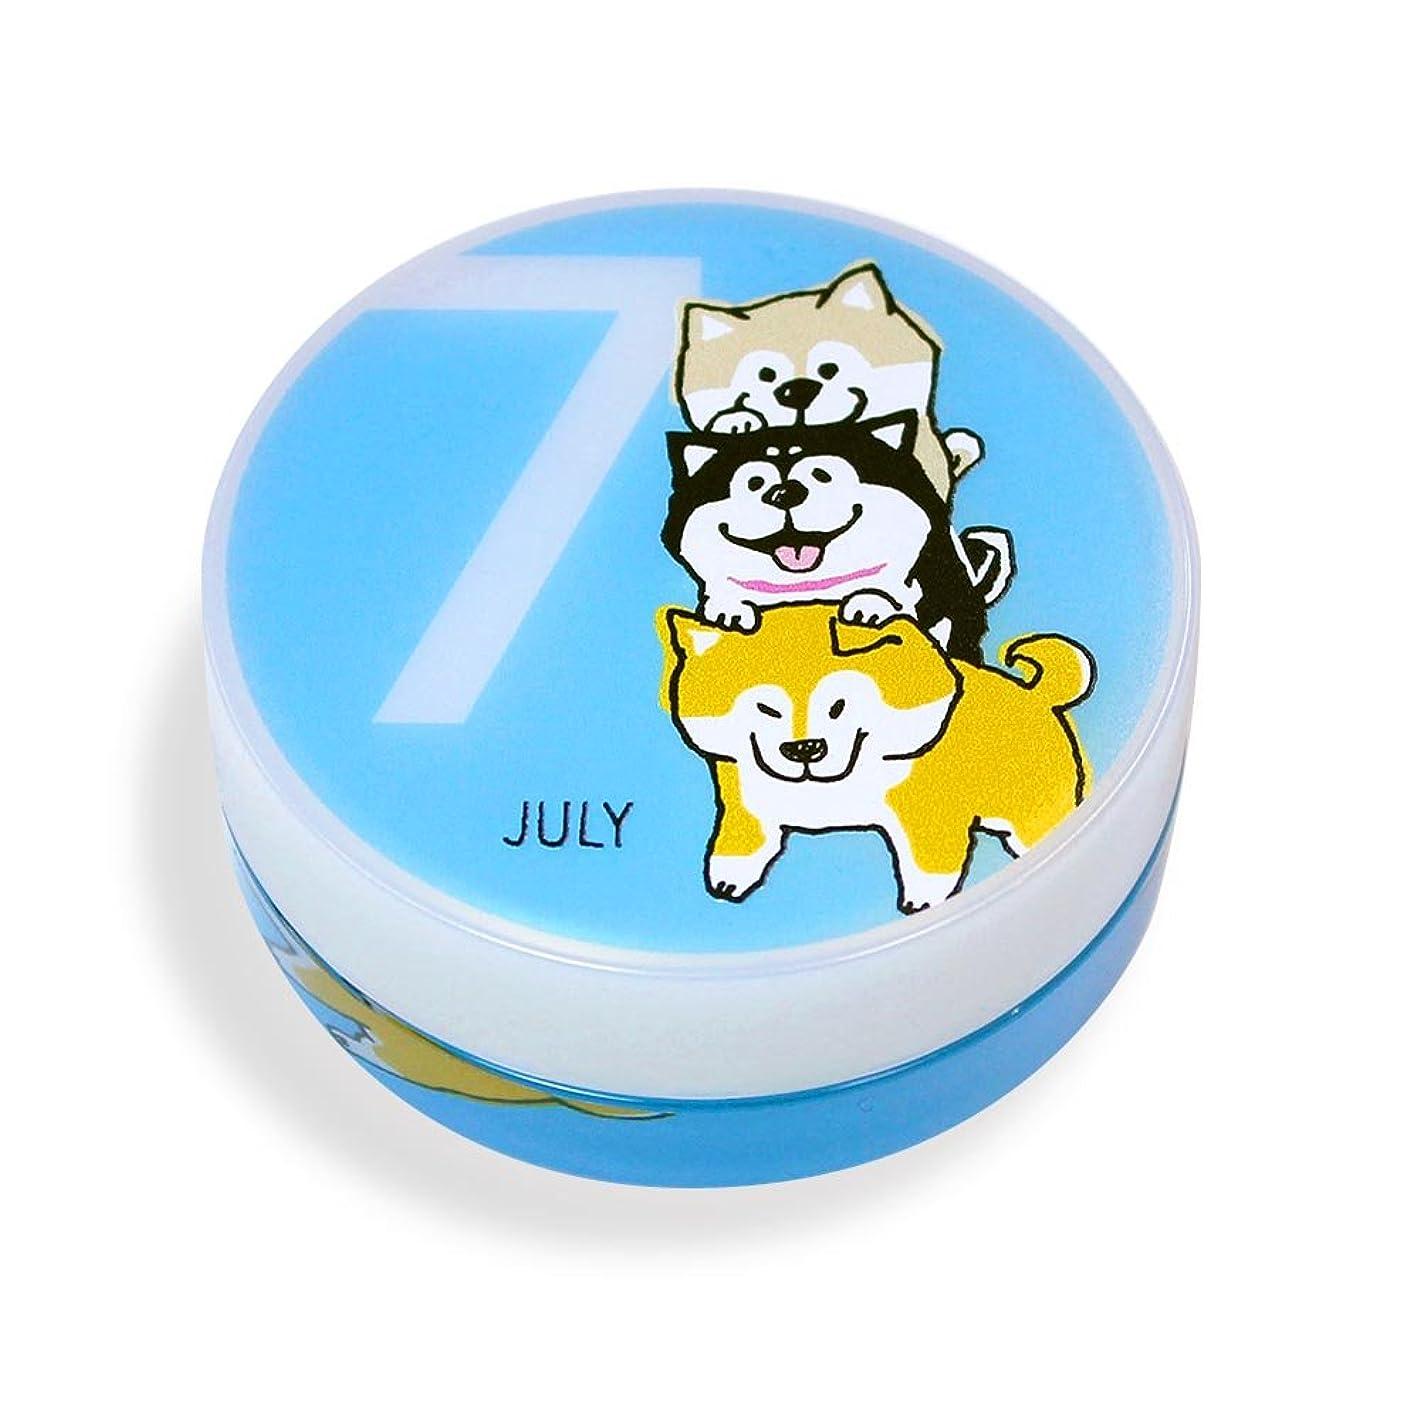 嵐の質素なローブしばんばん フルプルクリーム 誕生月シリーズ 7月 20g